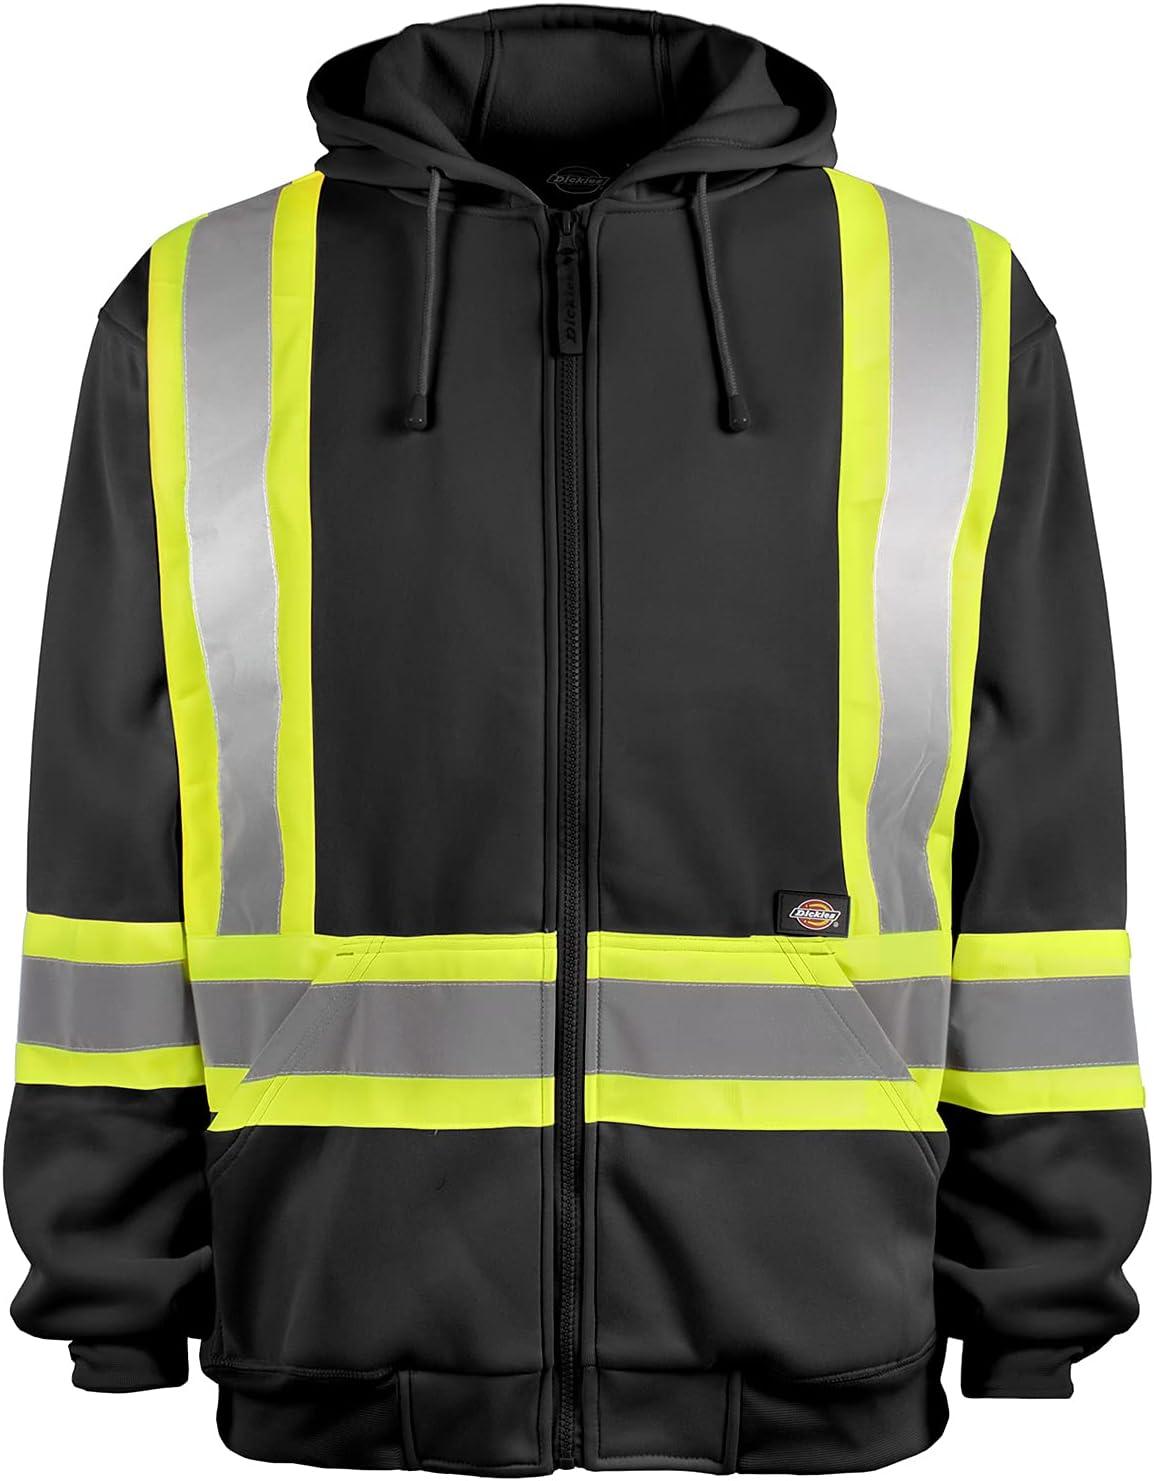 Dickies Workwear High-Visibility Fleece Hoodie, M Black